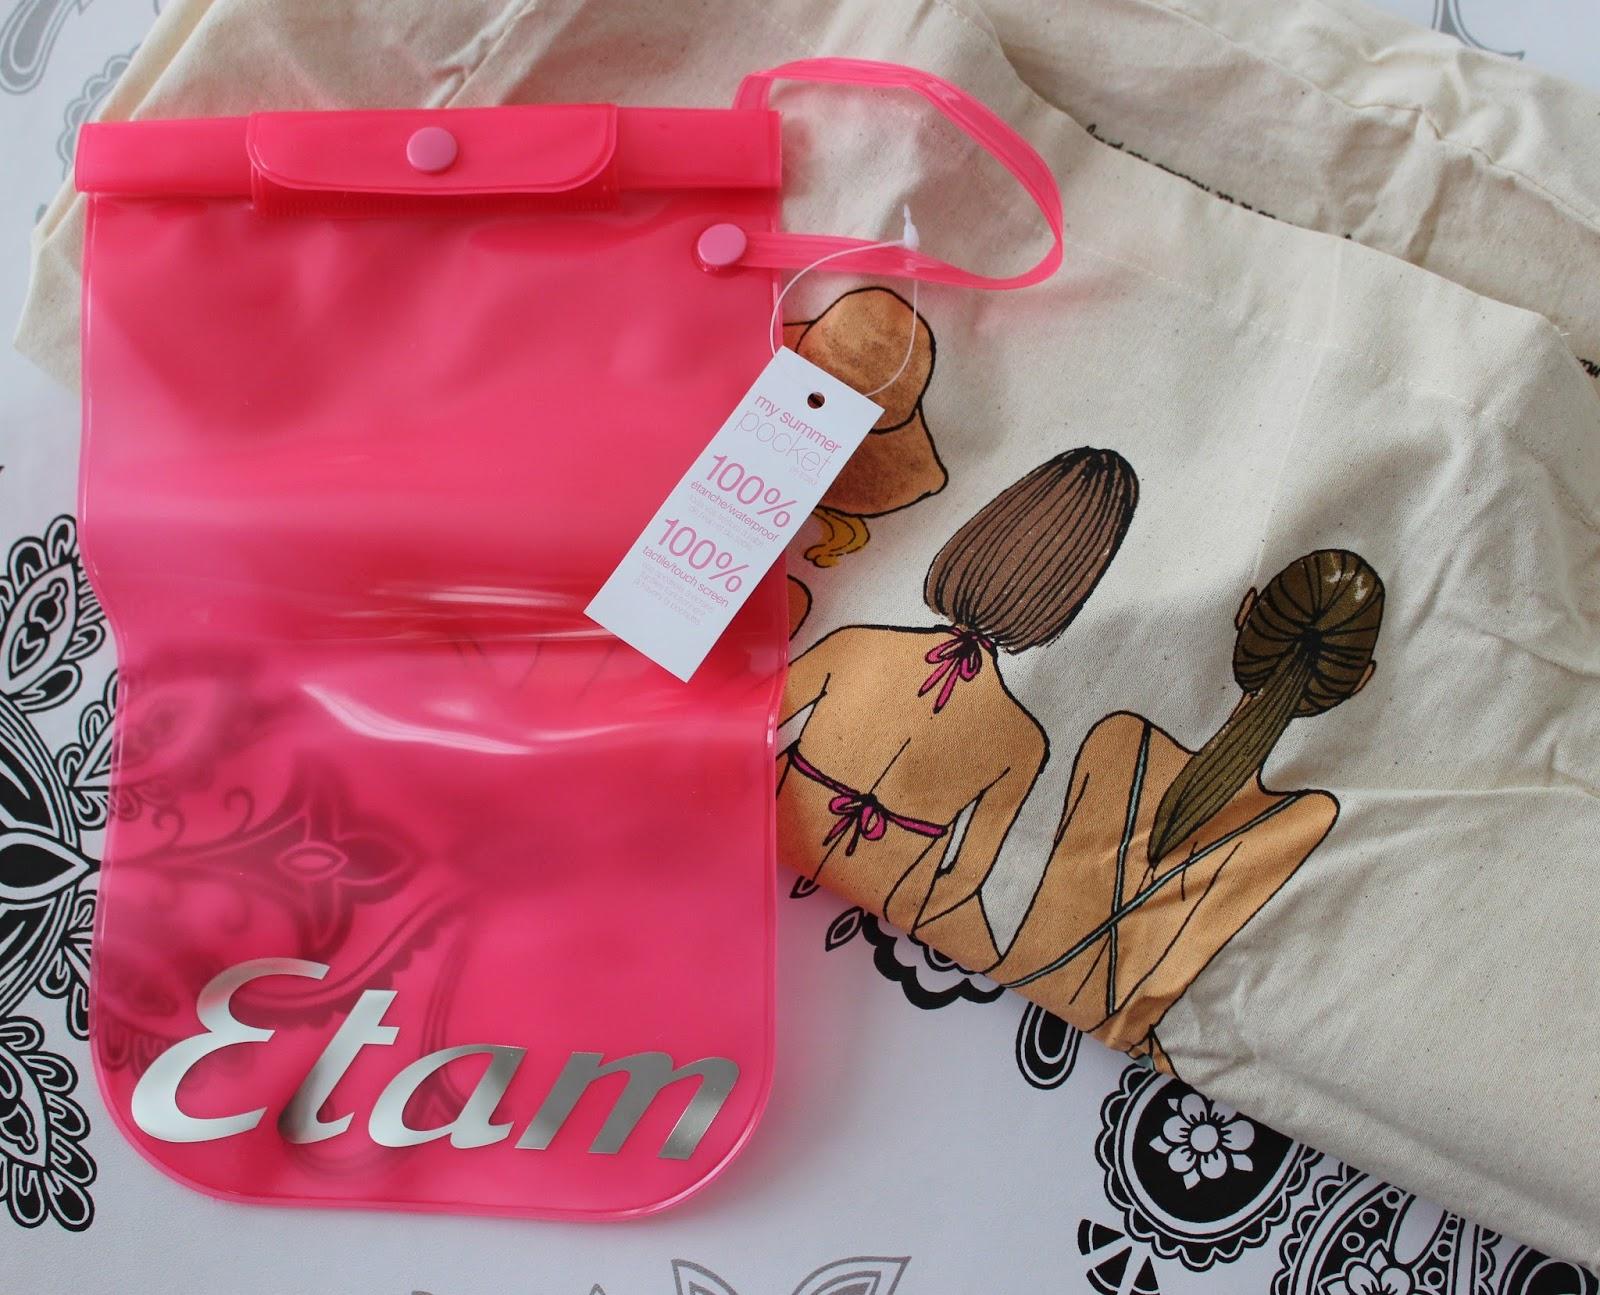 My little box beauty box fashion accessories